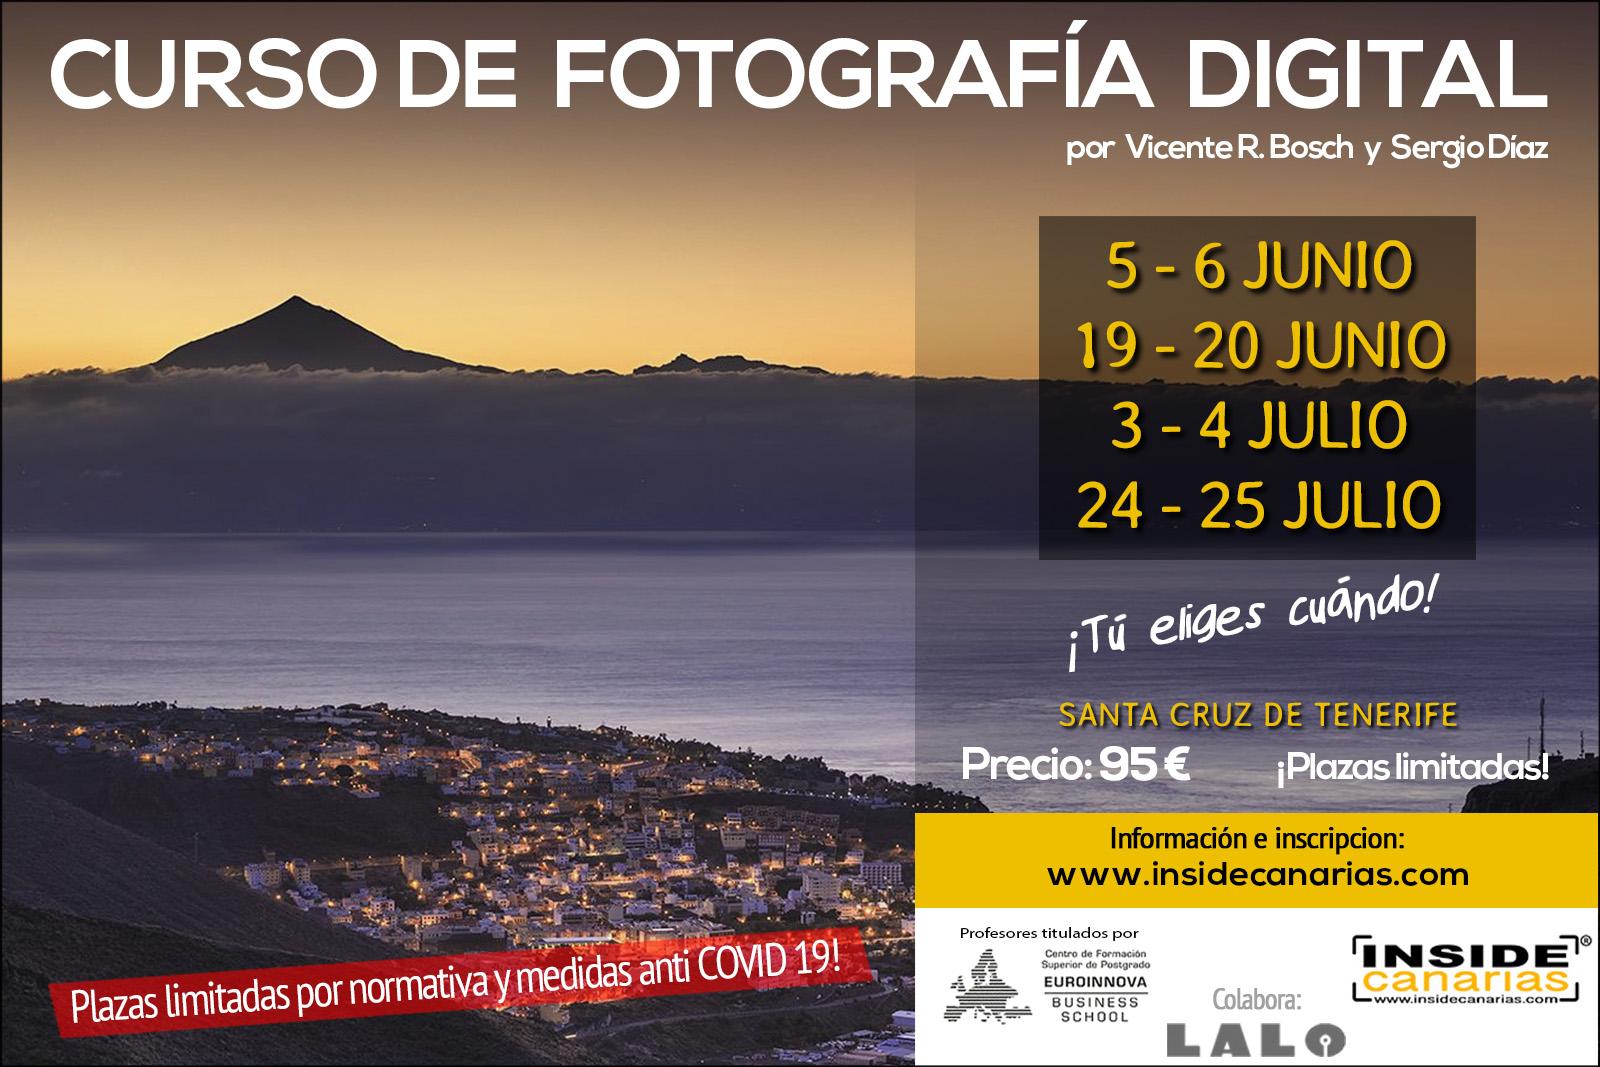 Curso de fotografía en Tenerife - Covid19 - 2021 1